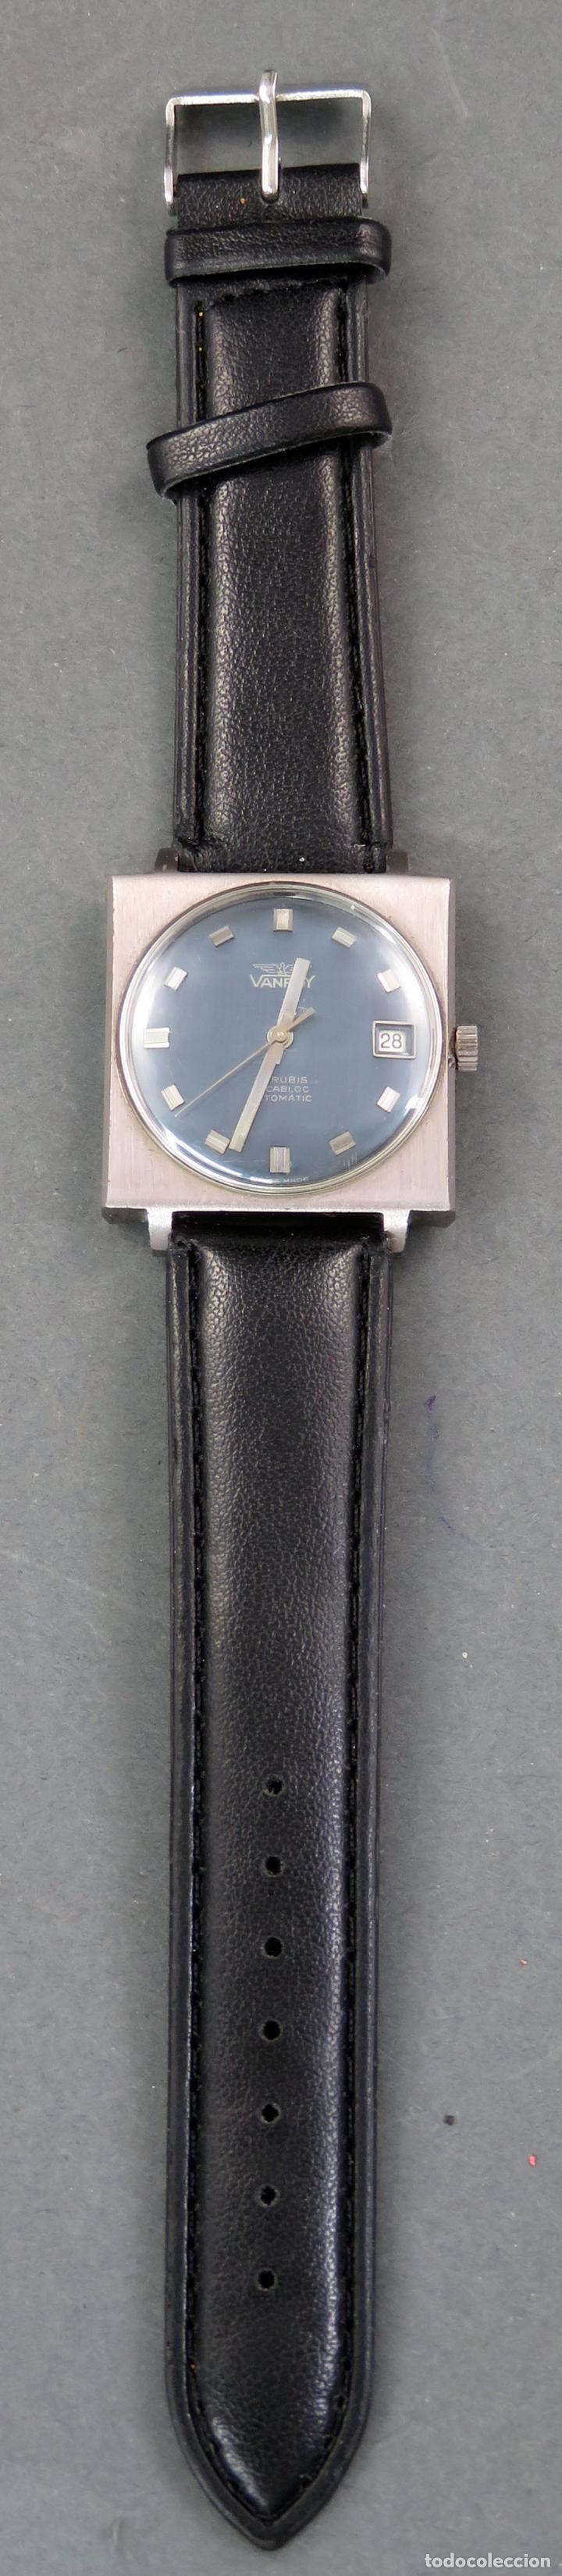 Relojes automáticos: Reloj automático Vanroy Automatic Incabloc 25 rubis Incabloc Swiss Made Funciona - Foto 2 - 143165674